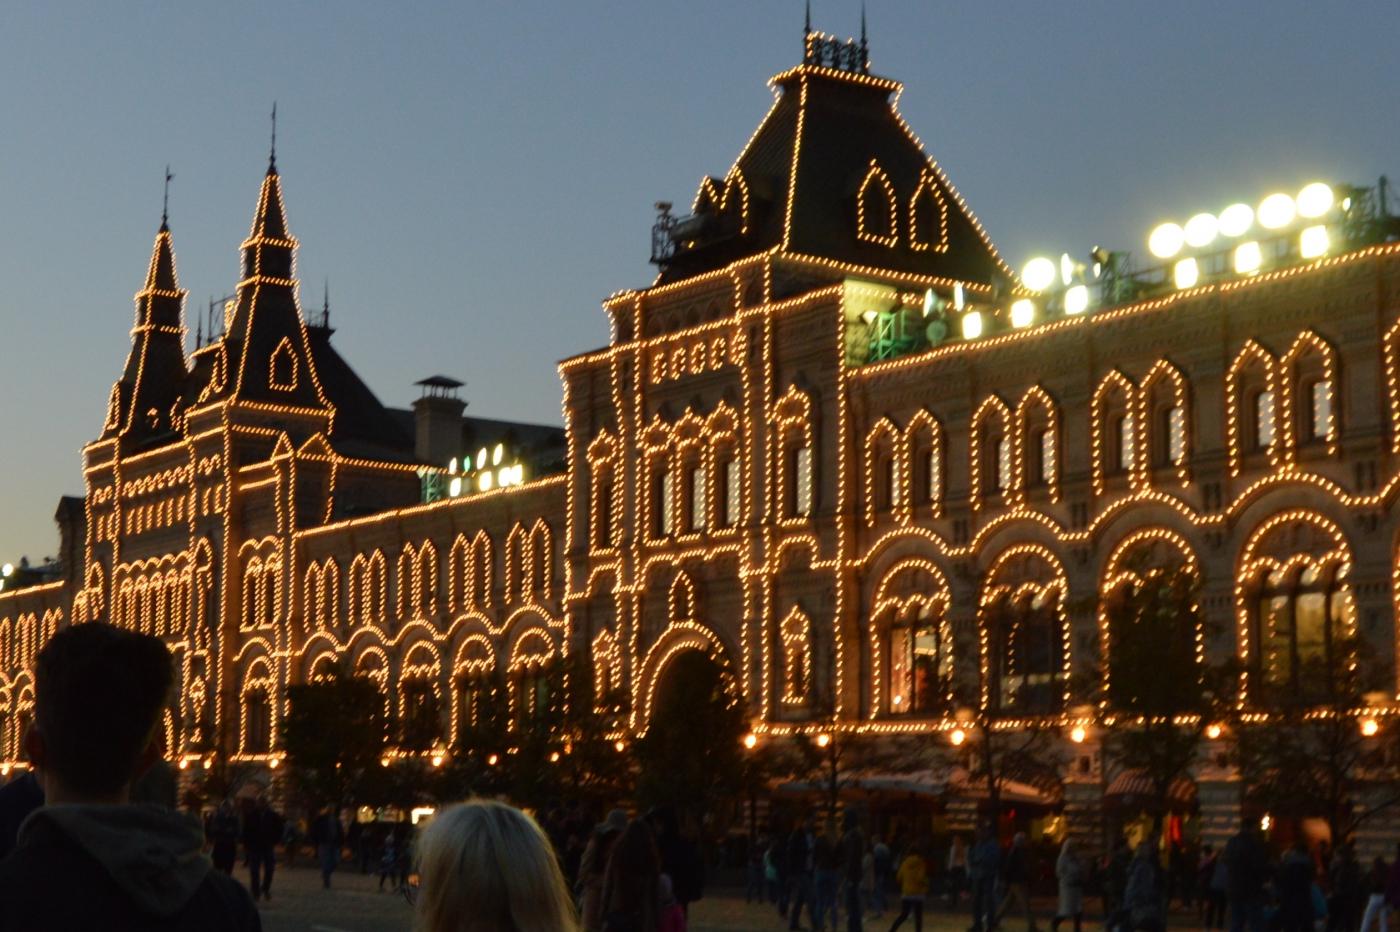 夜游莫斯科红场_图1-21